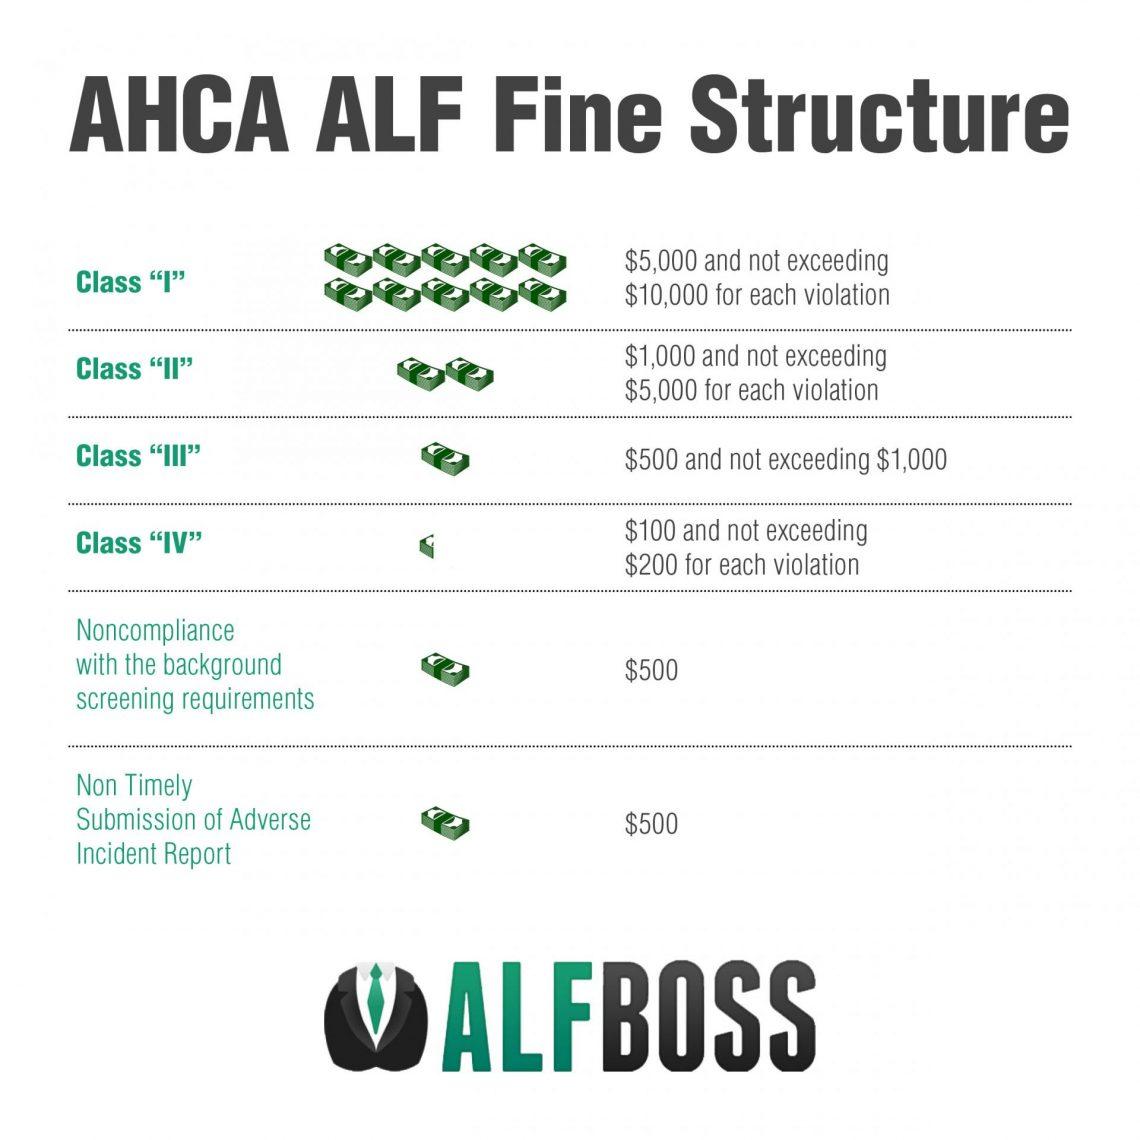 AHCA Fines